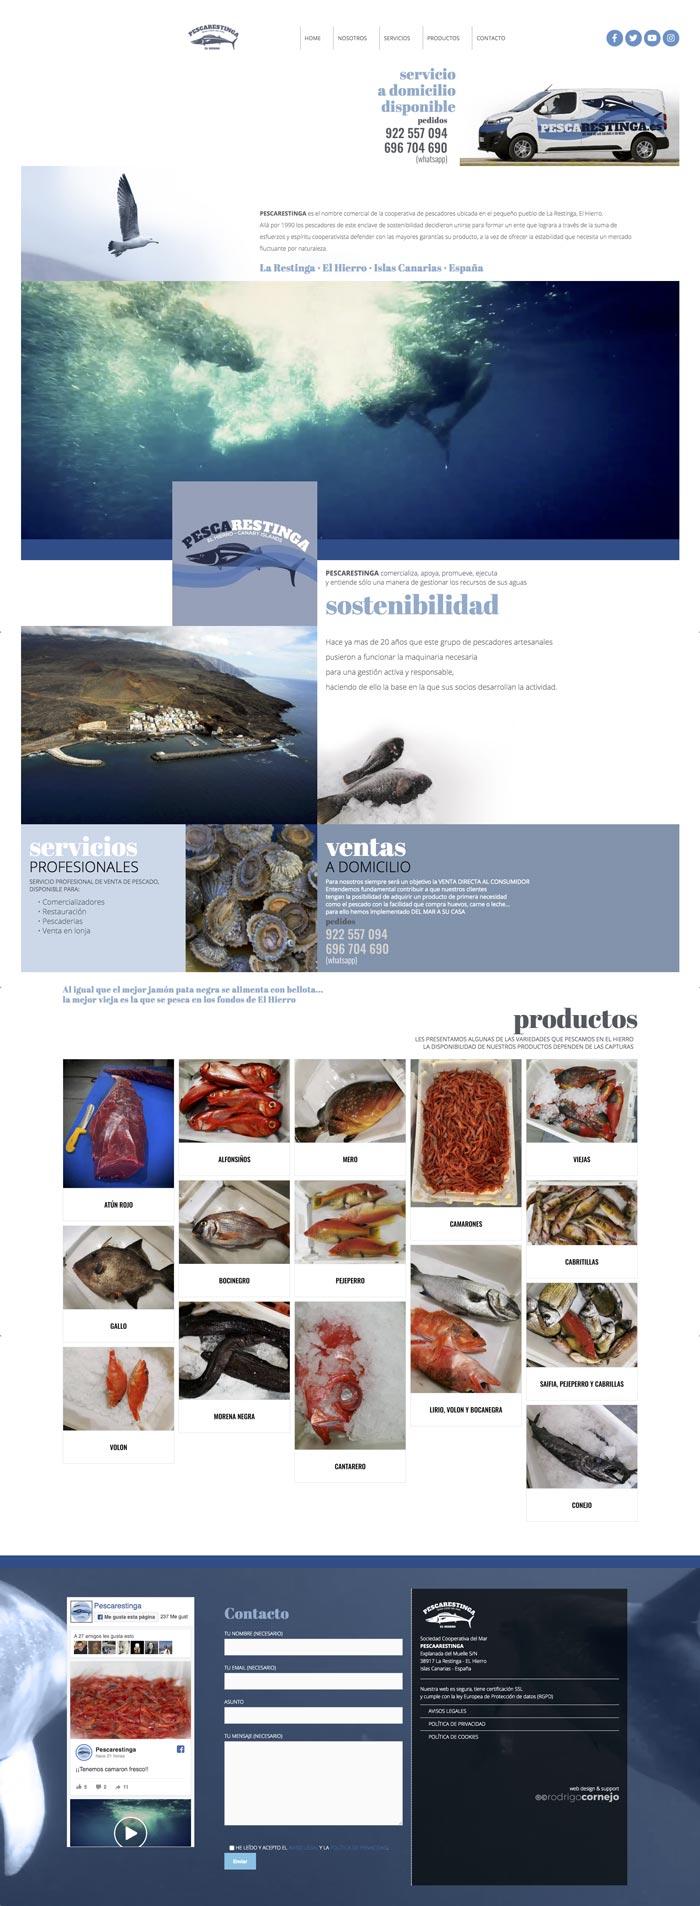 Rodrigo-Cornejo-Diseño-Imagen-Comunicacion-Arte-y-Cultura-Pintura-Grabado-Ilustracion-Post-Promocion-Redes-Sociales-Pesca-Restina-El-Hierro-Web-Design-02